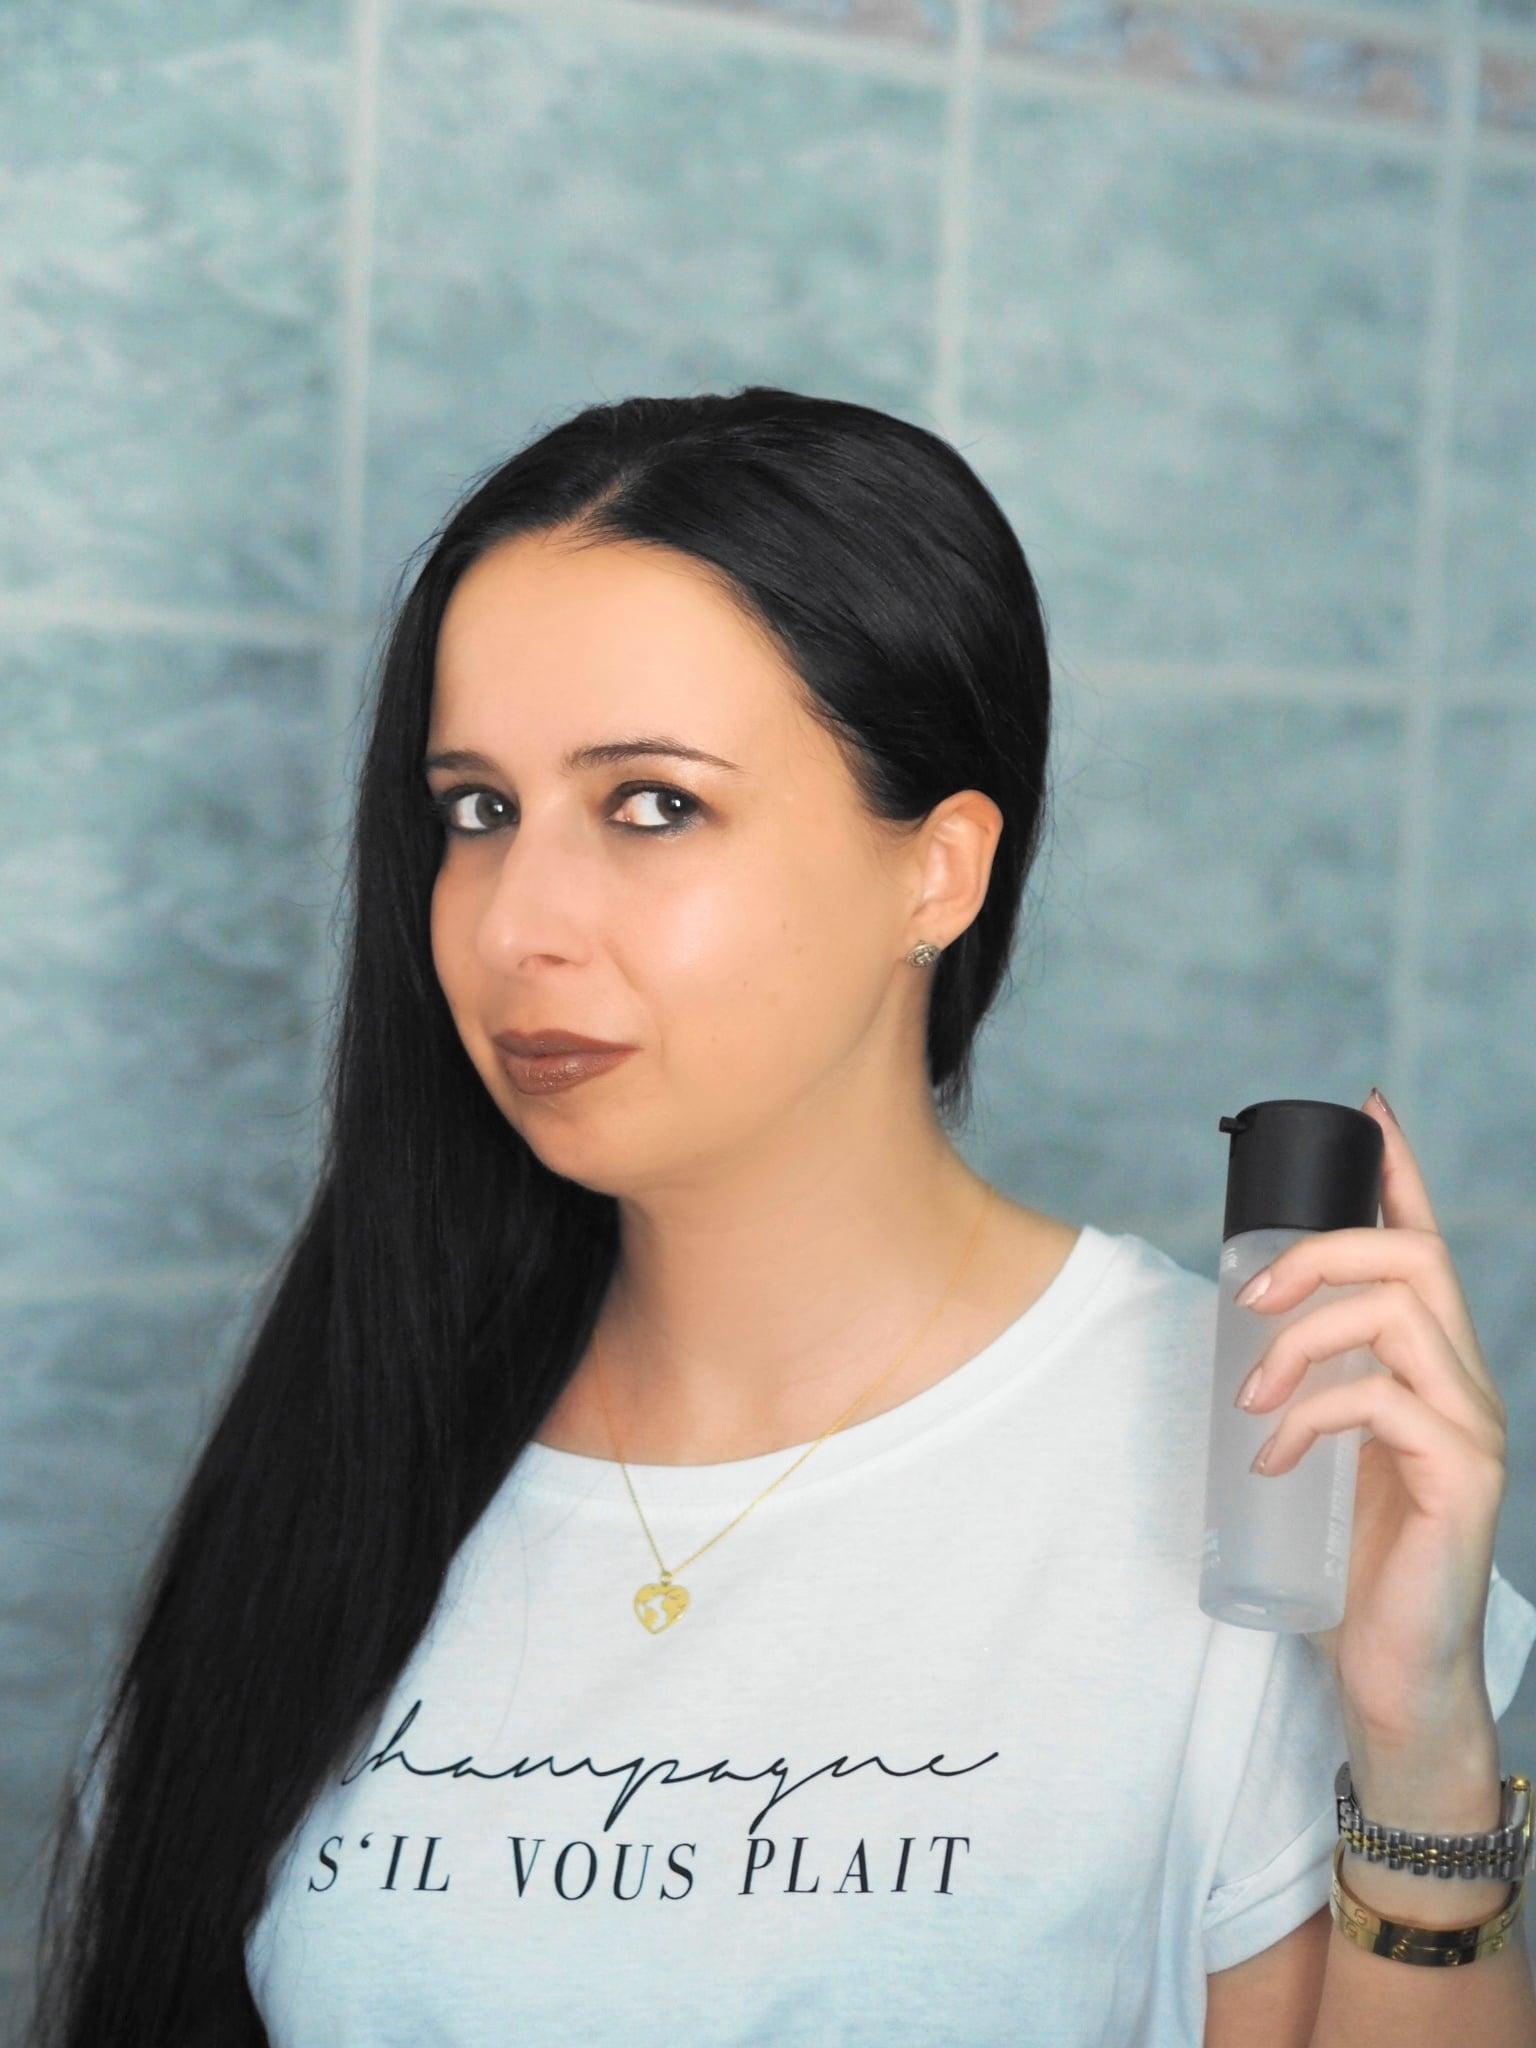 MAC Make Up steht für hochwertige Produkte ohne Tierversuche. In folgendem Blogpost stelle ich euch das Label näher vor und zeige einen Herbst Make Up Look